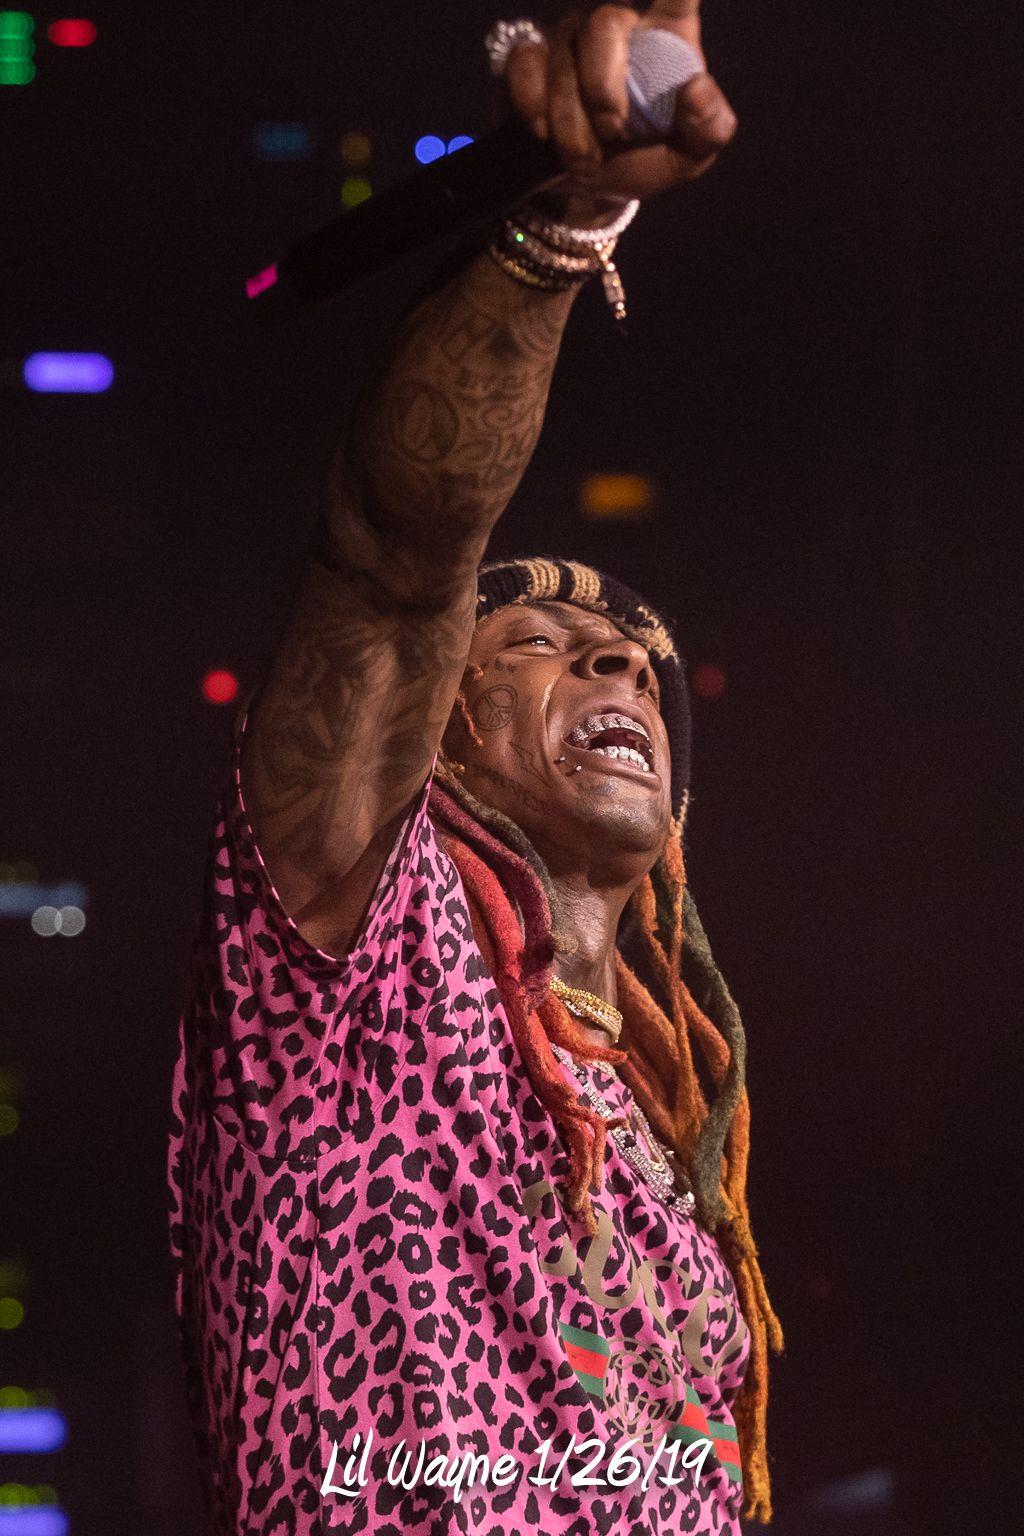 Lil Wayne 1/26/19